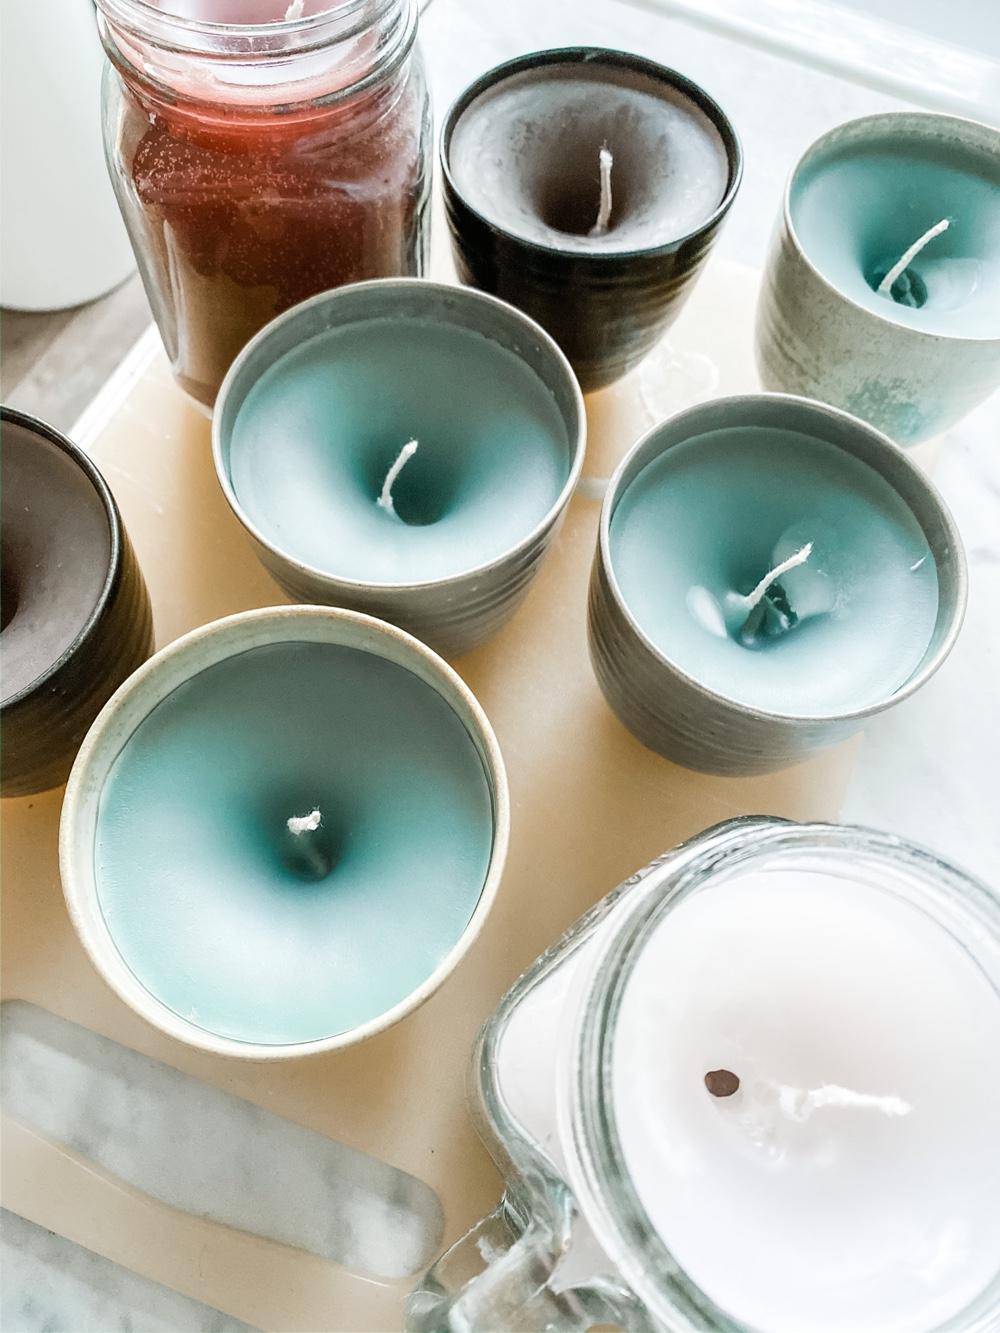 gaten bij zelf kaarsen maken